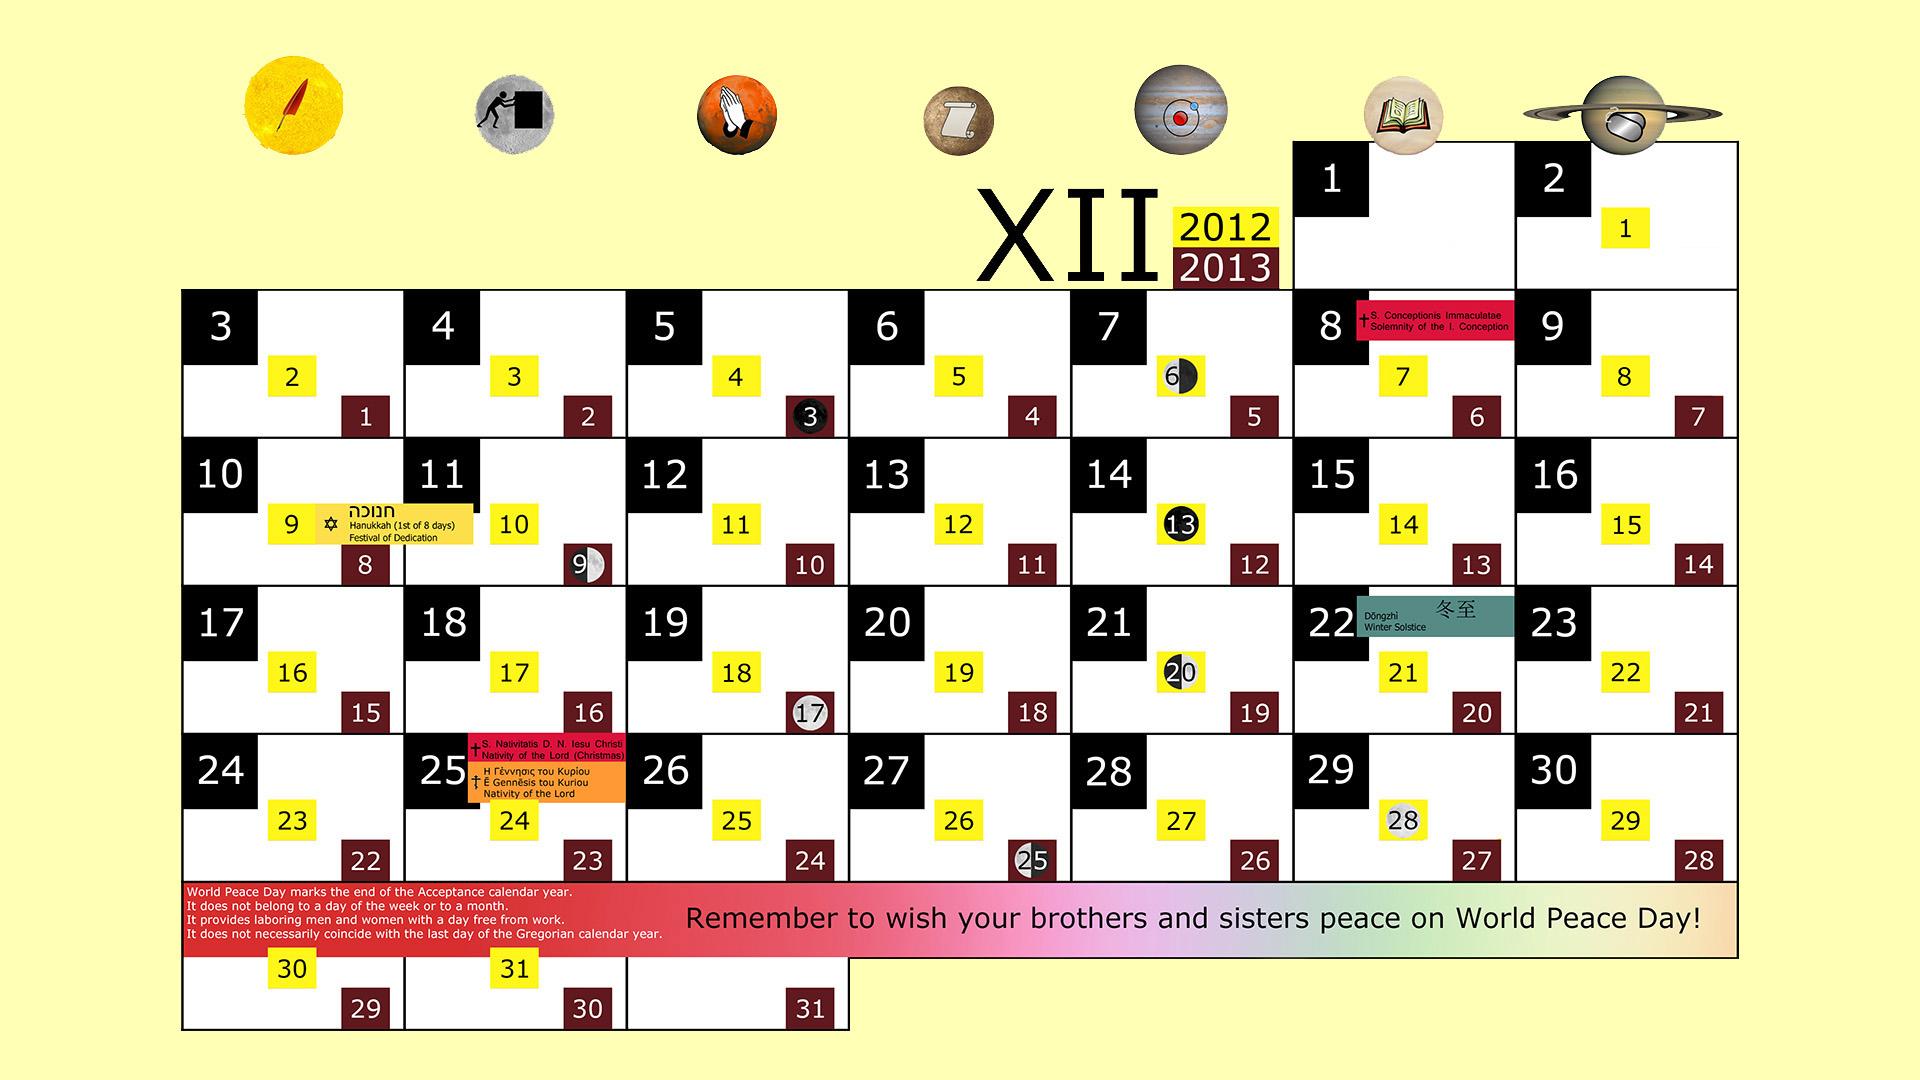 Miesięczny kalendarz świąt na grudzień 2012 and 2013 na żółtym tle